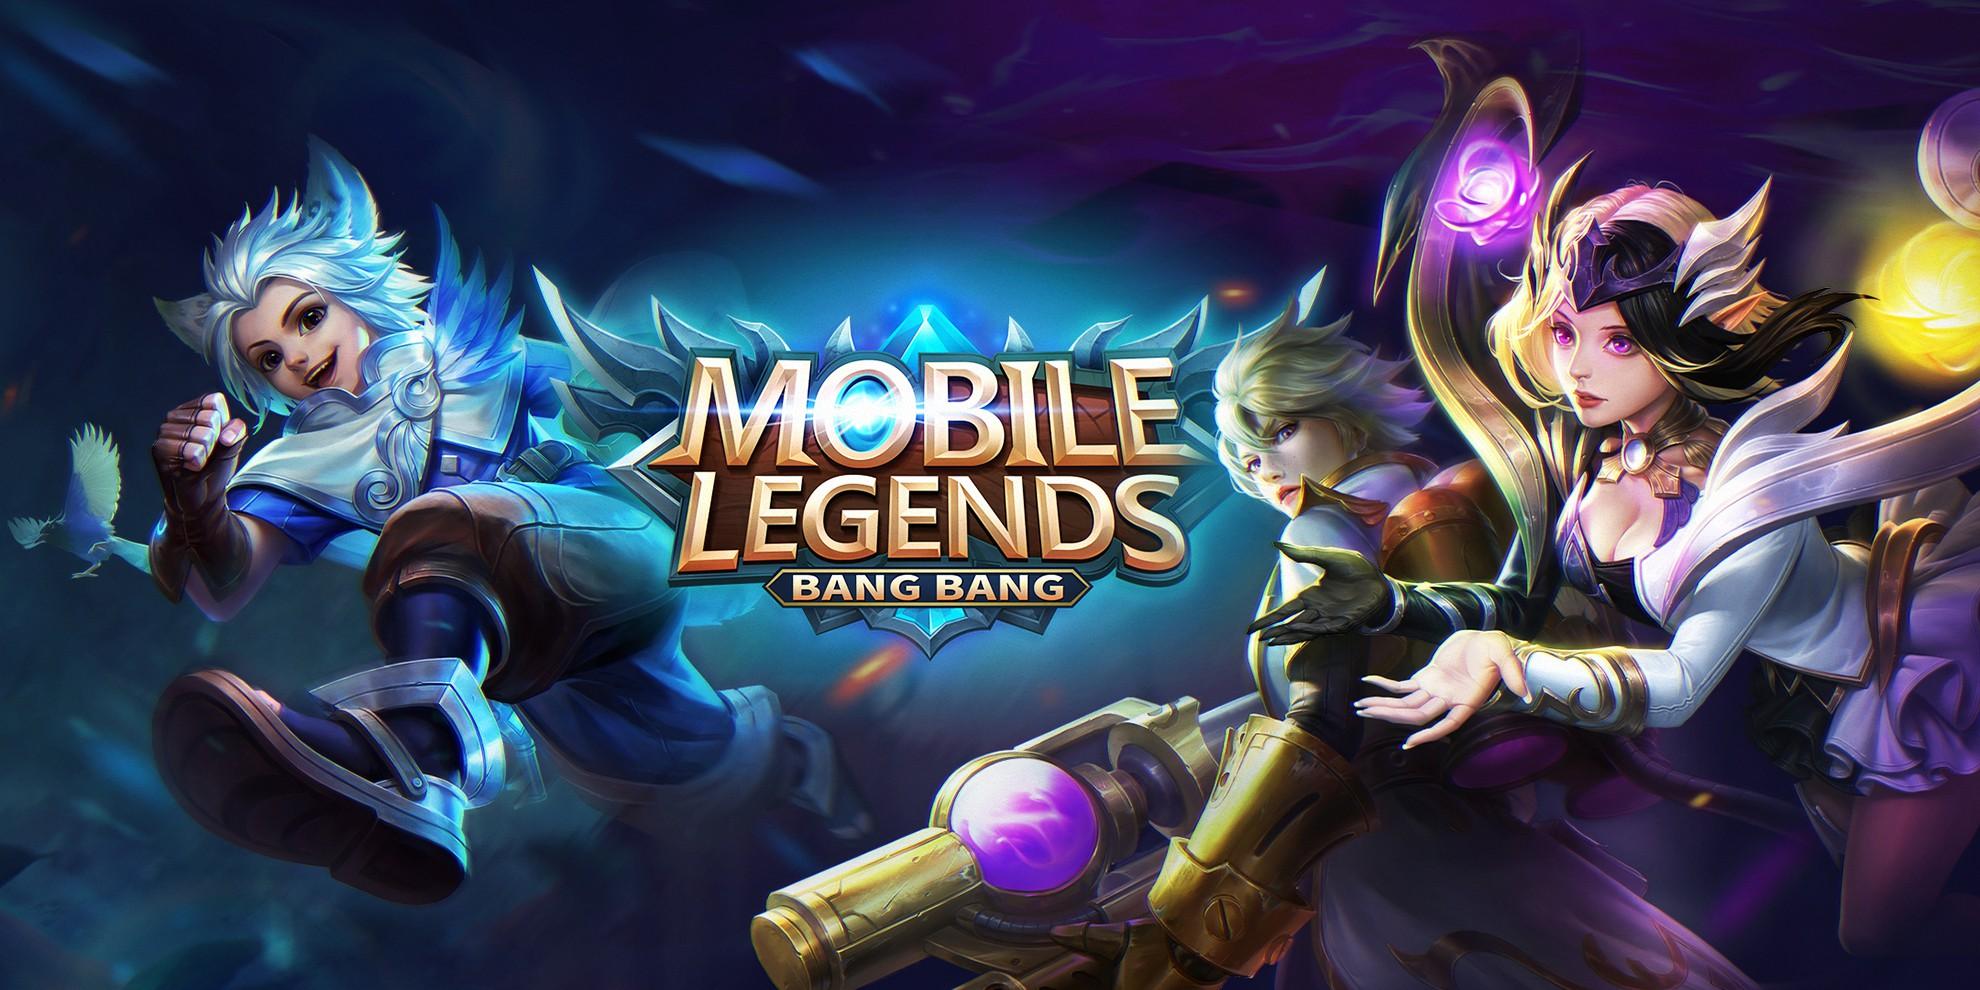 Tết này chơi game gì: Gợi ý một số game PC và mobile cực hấp dẫn cho năm mới 2021 - Ảnh 9.